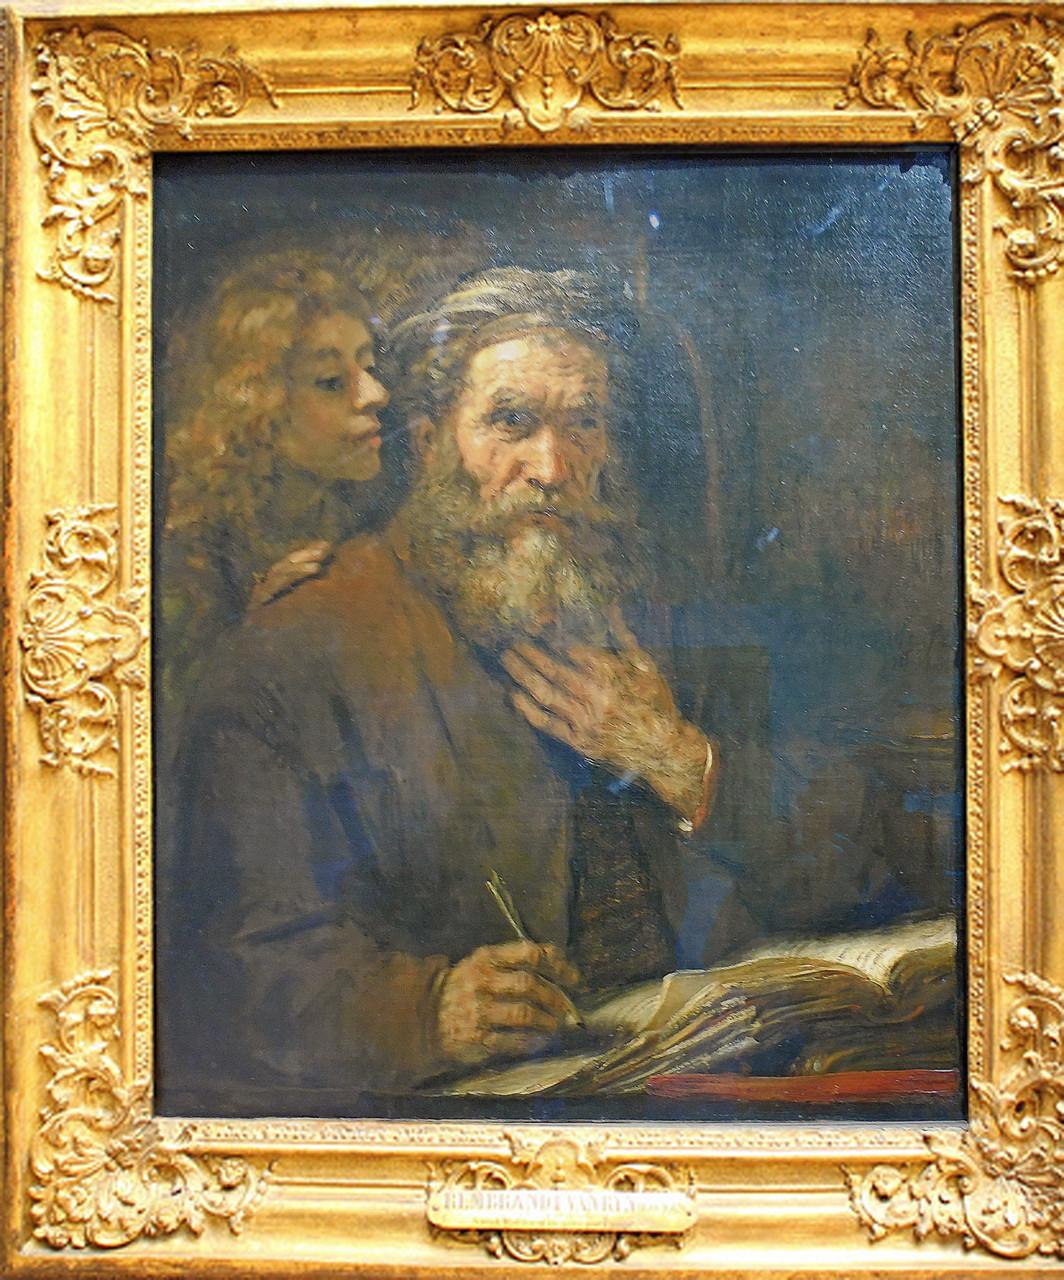 1661, Rembrandt, Saint Matthieu et l'ange